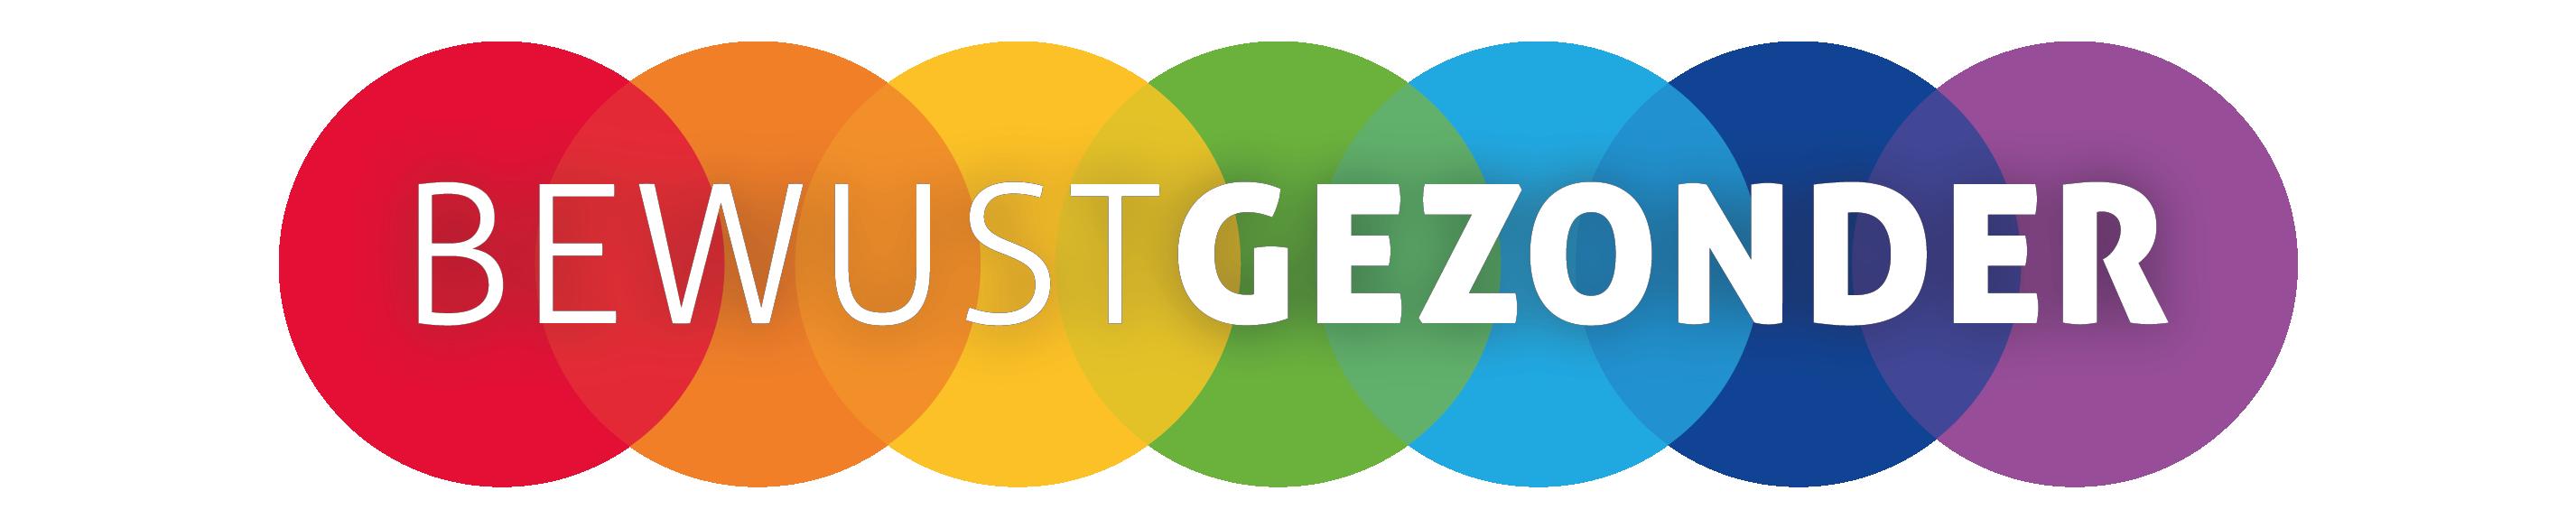 bewust-gezonder-logo